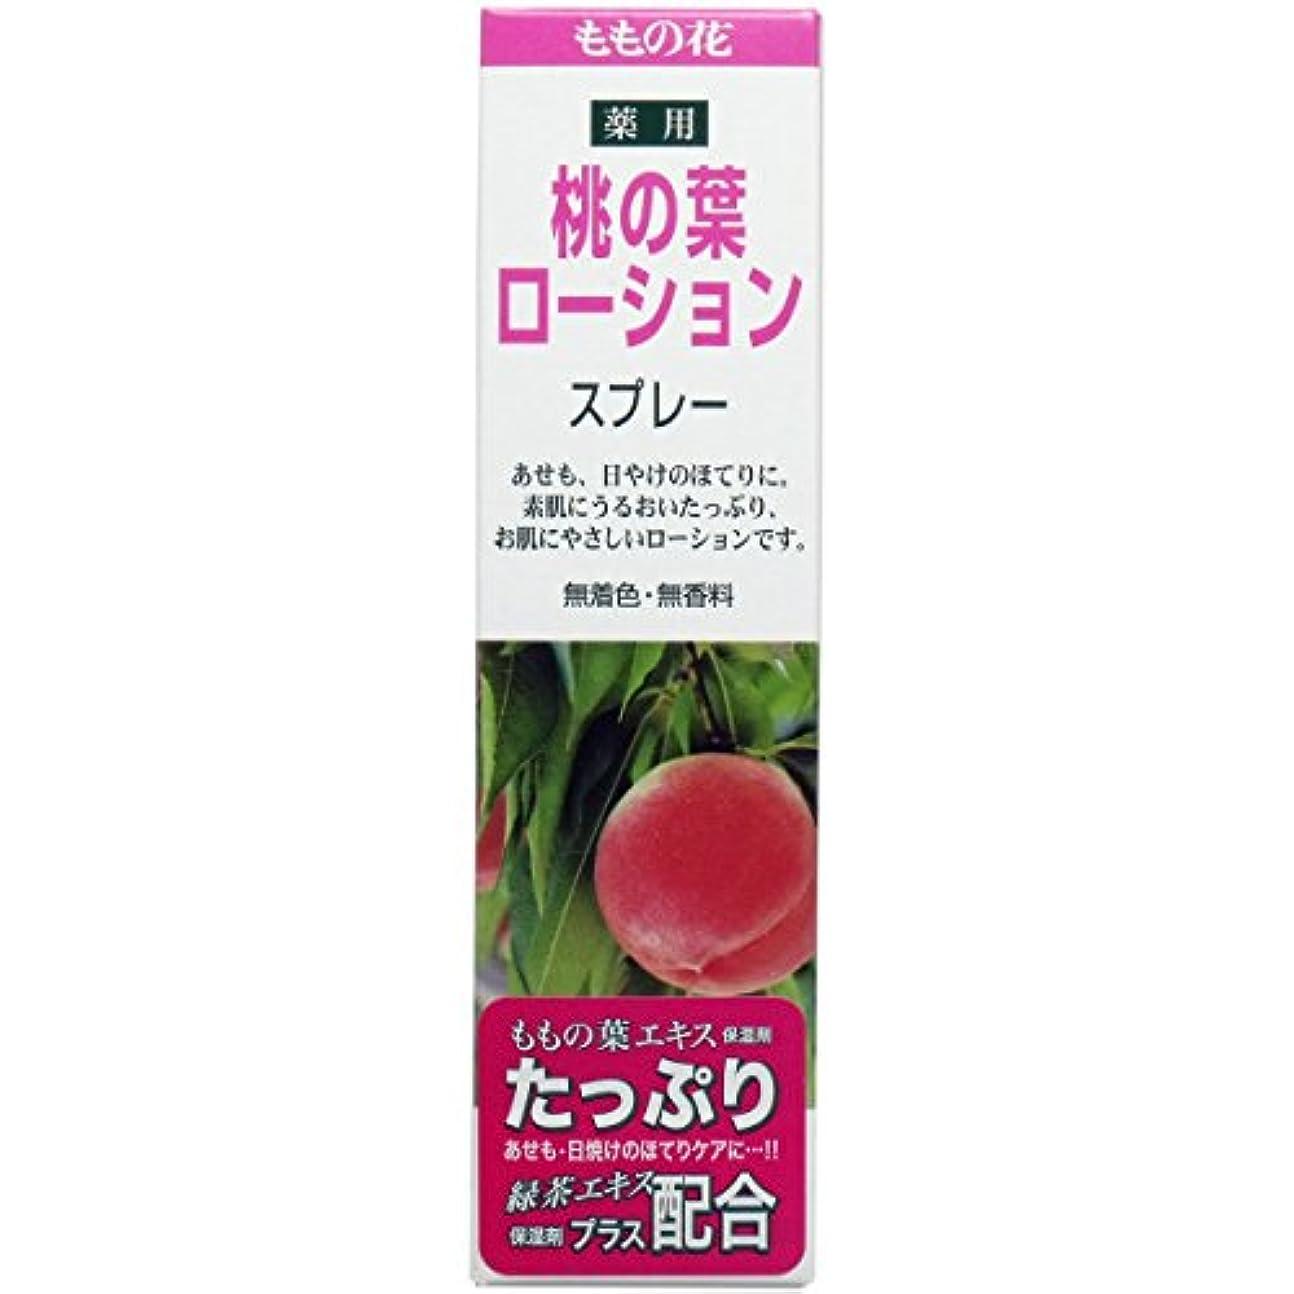 弁護士葡萄技術者薬用桃の葉ローションスプレー 145ml